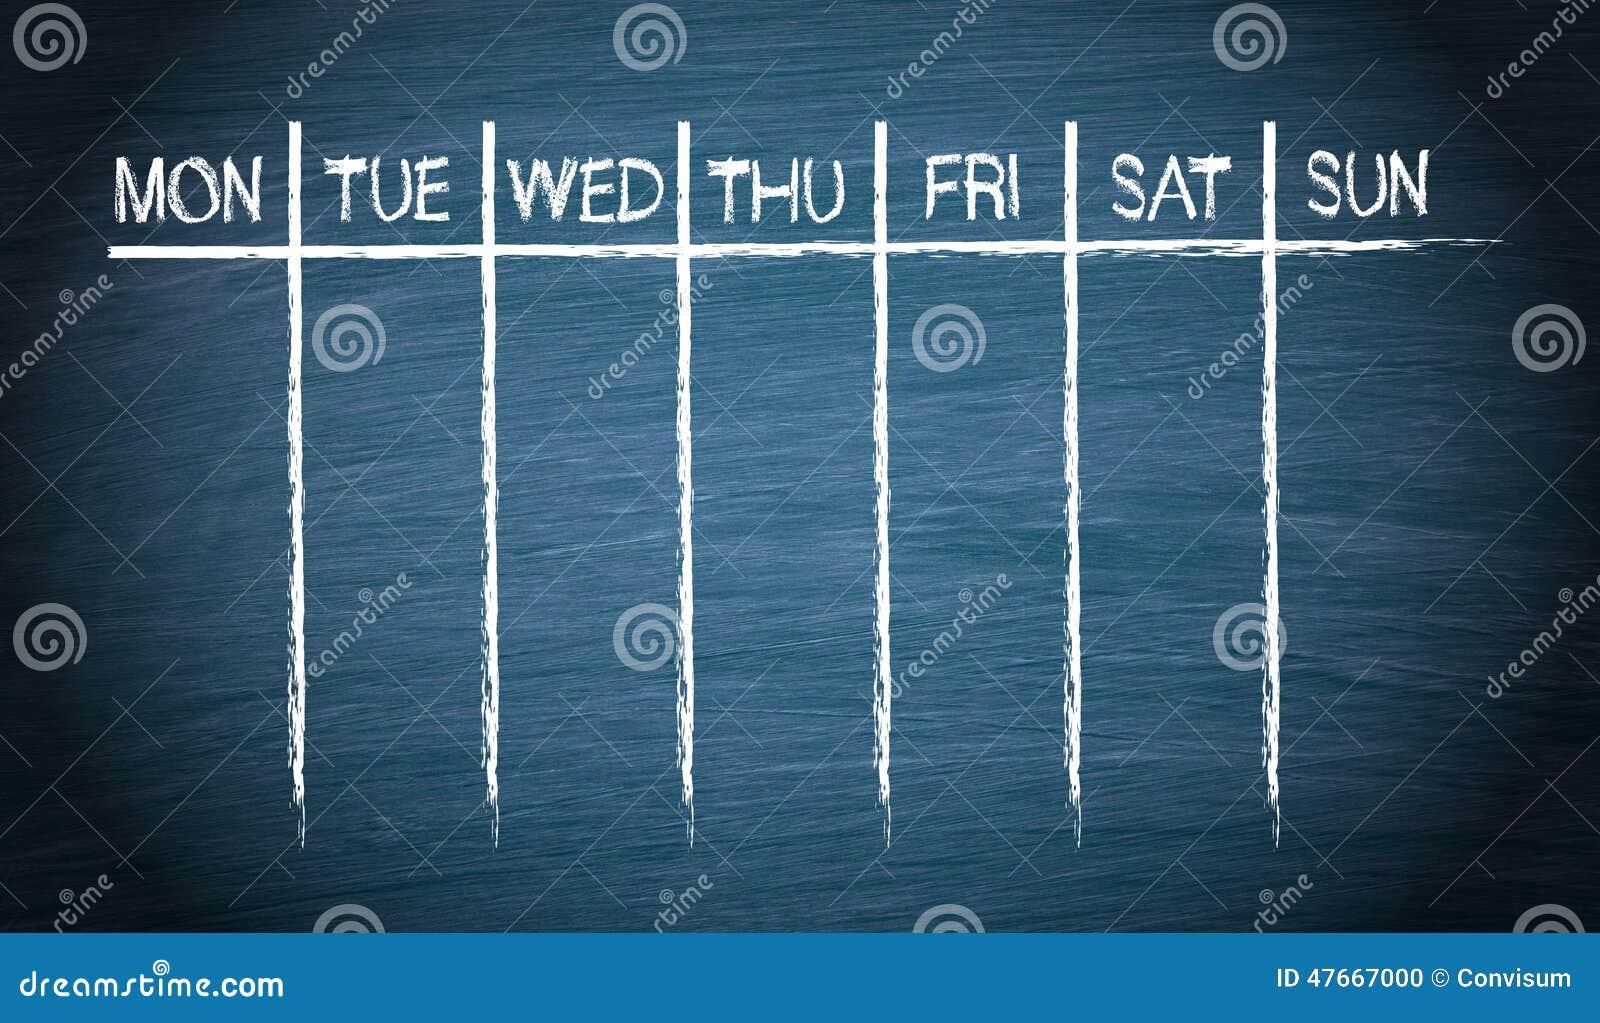 Tygodniowy kalendarz